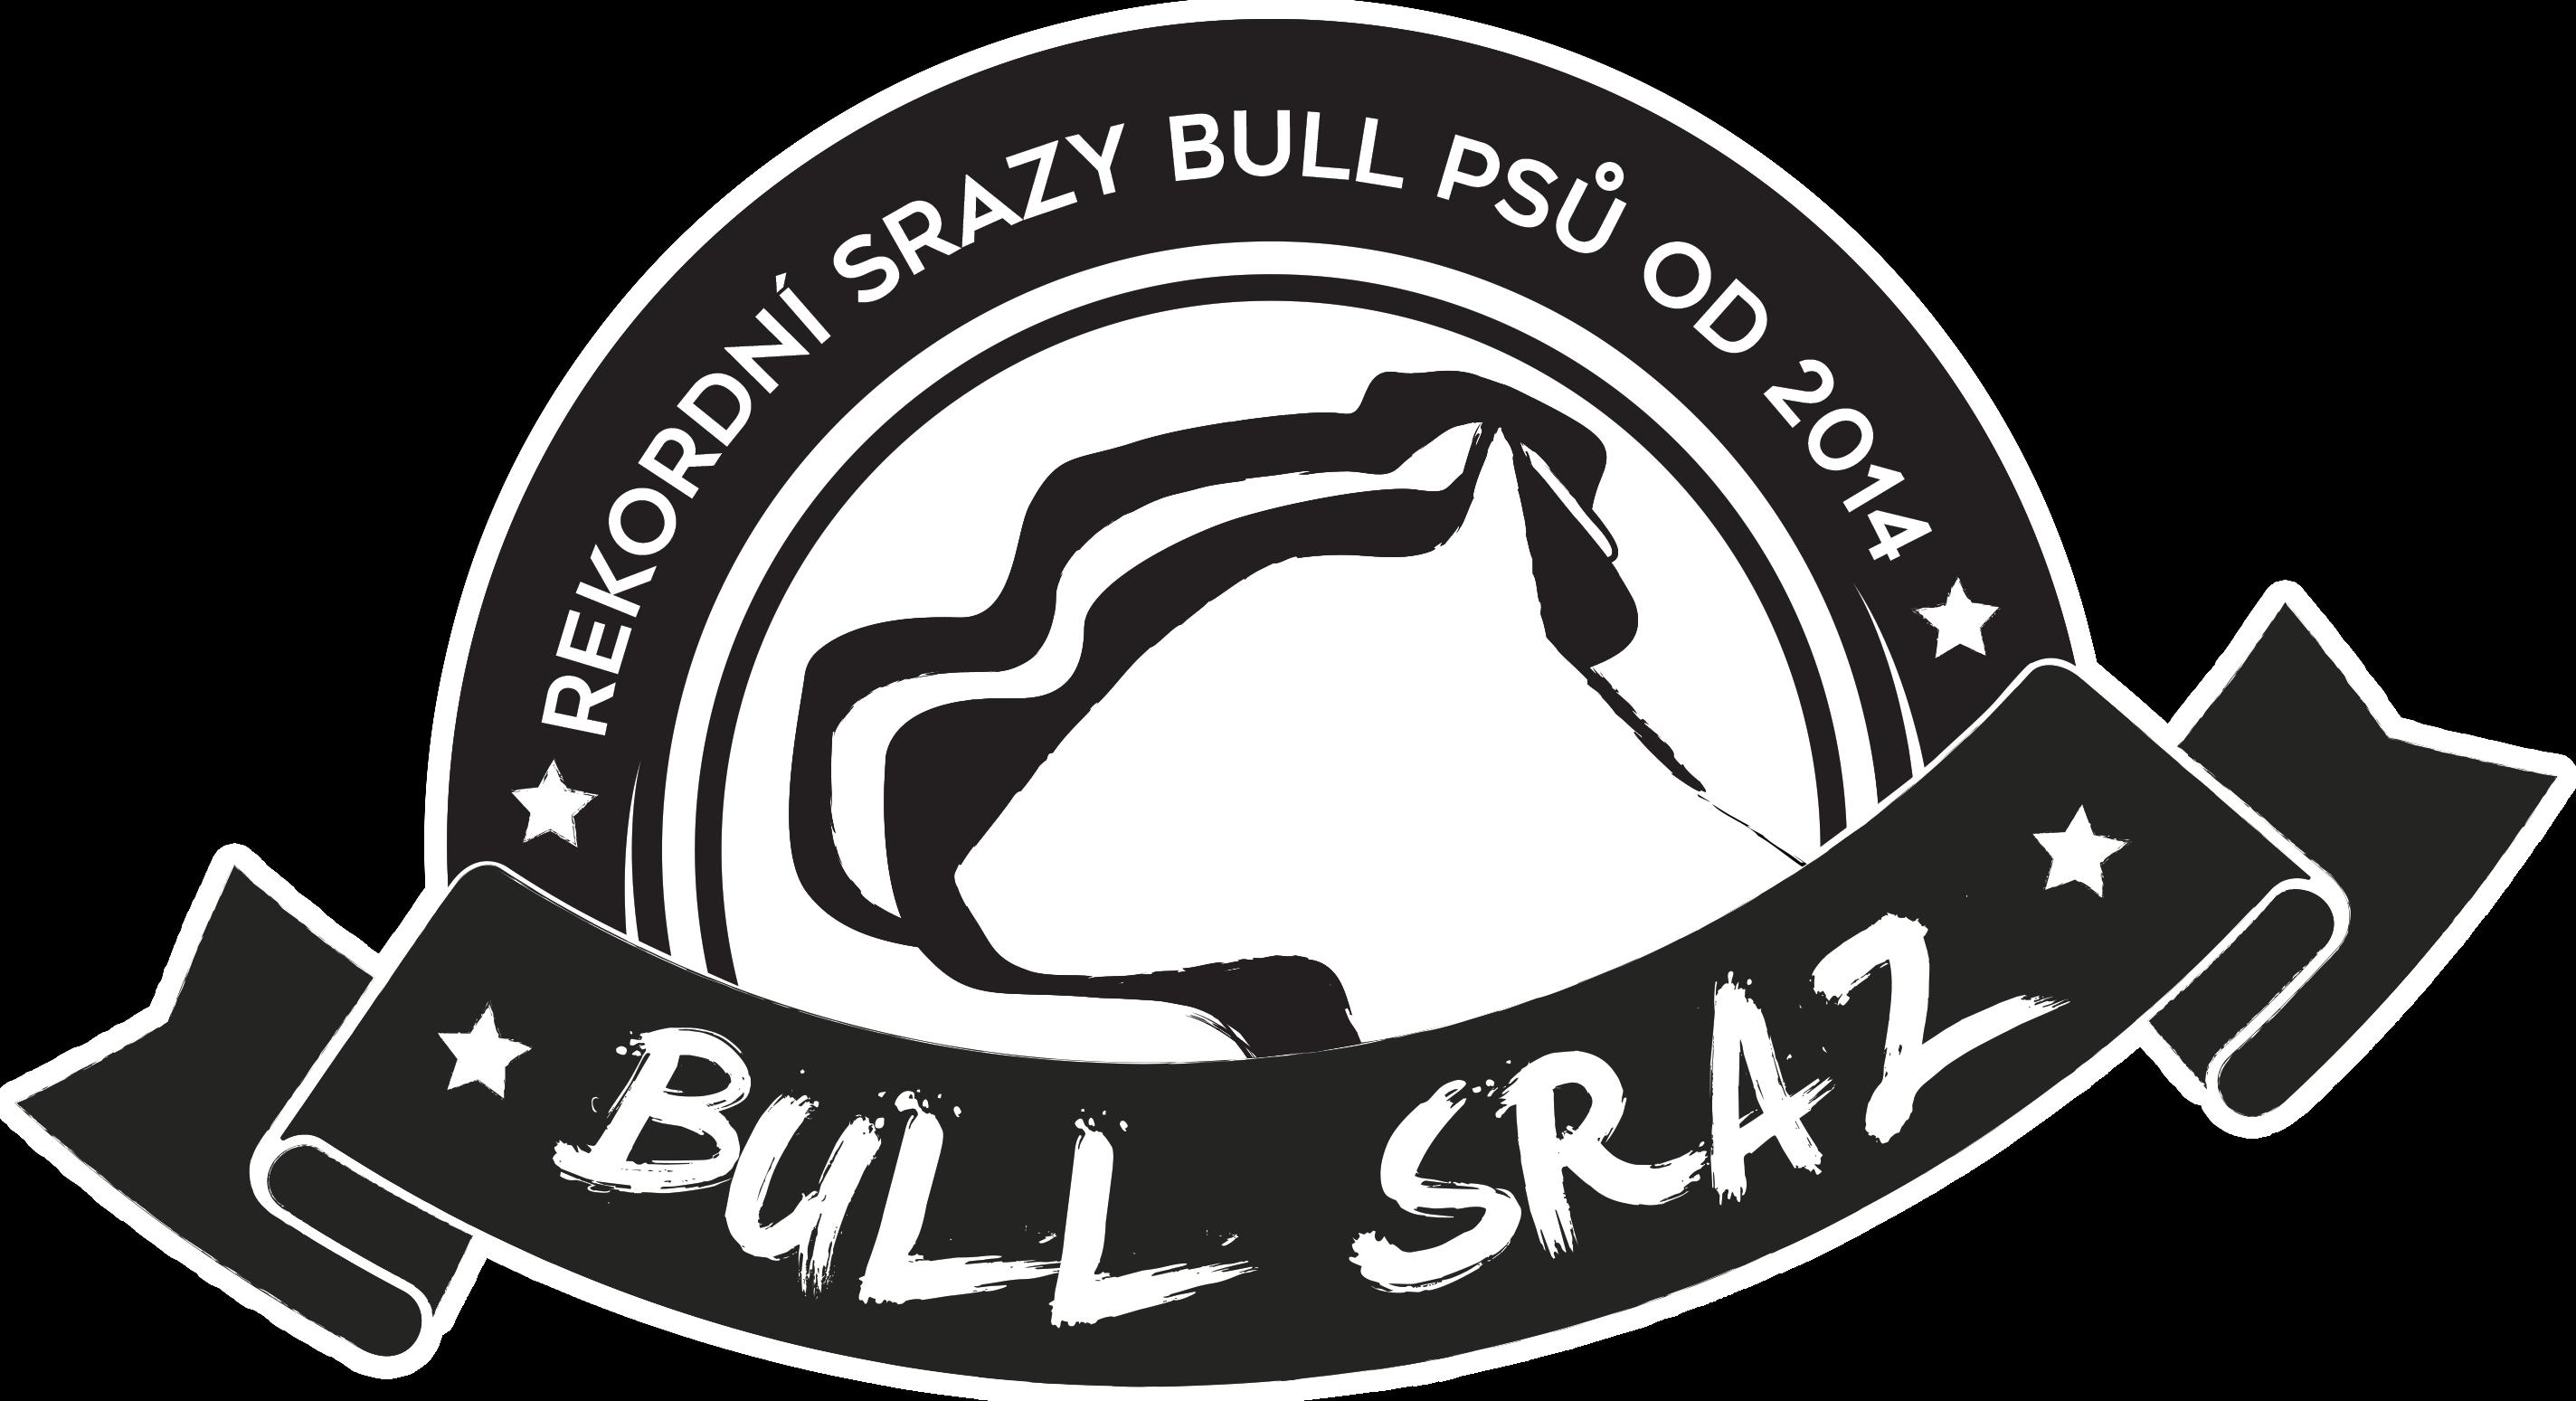 REKORD BULL SRAZ